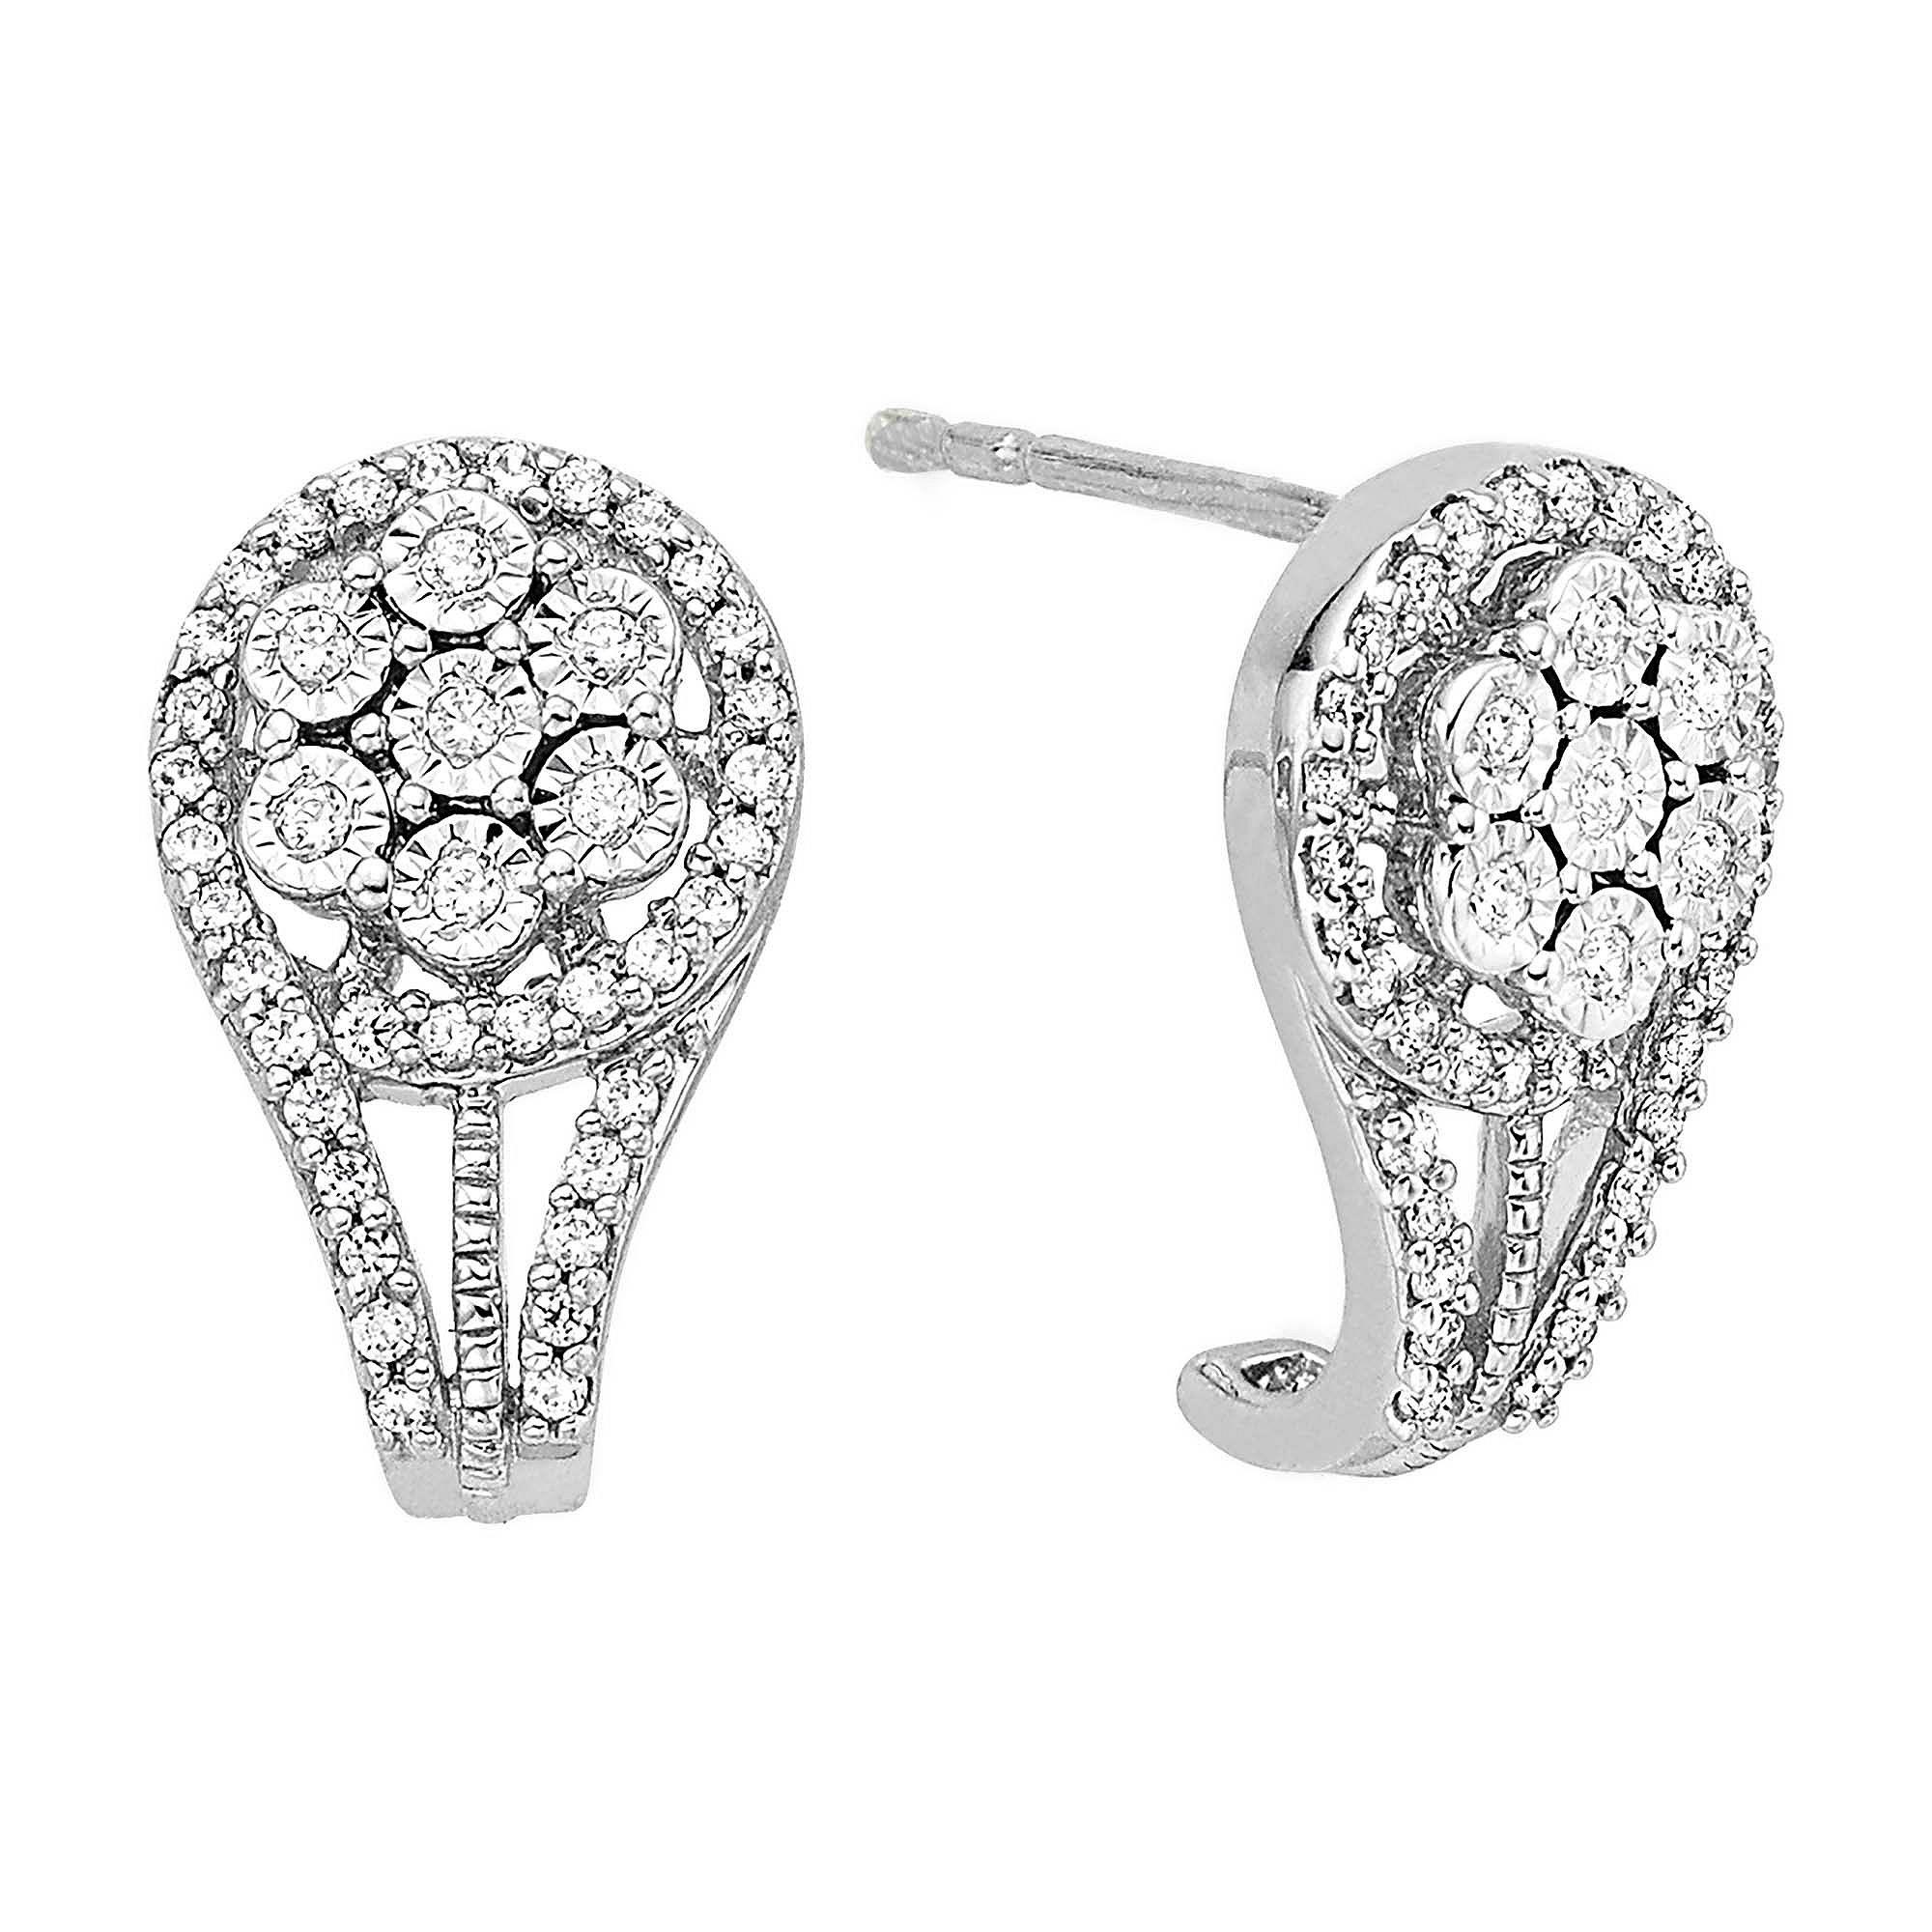 3 Ct Tw Diamond Earrings Jcpenney